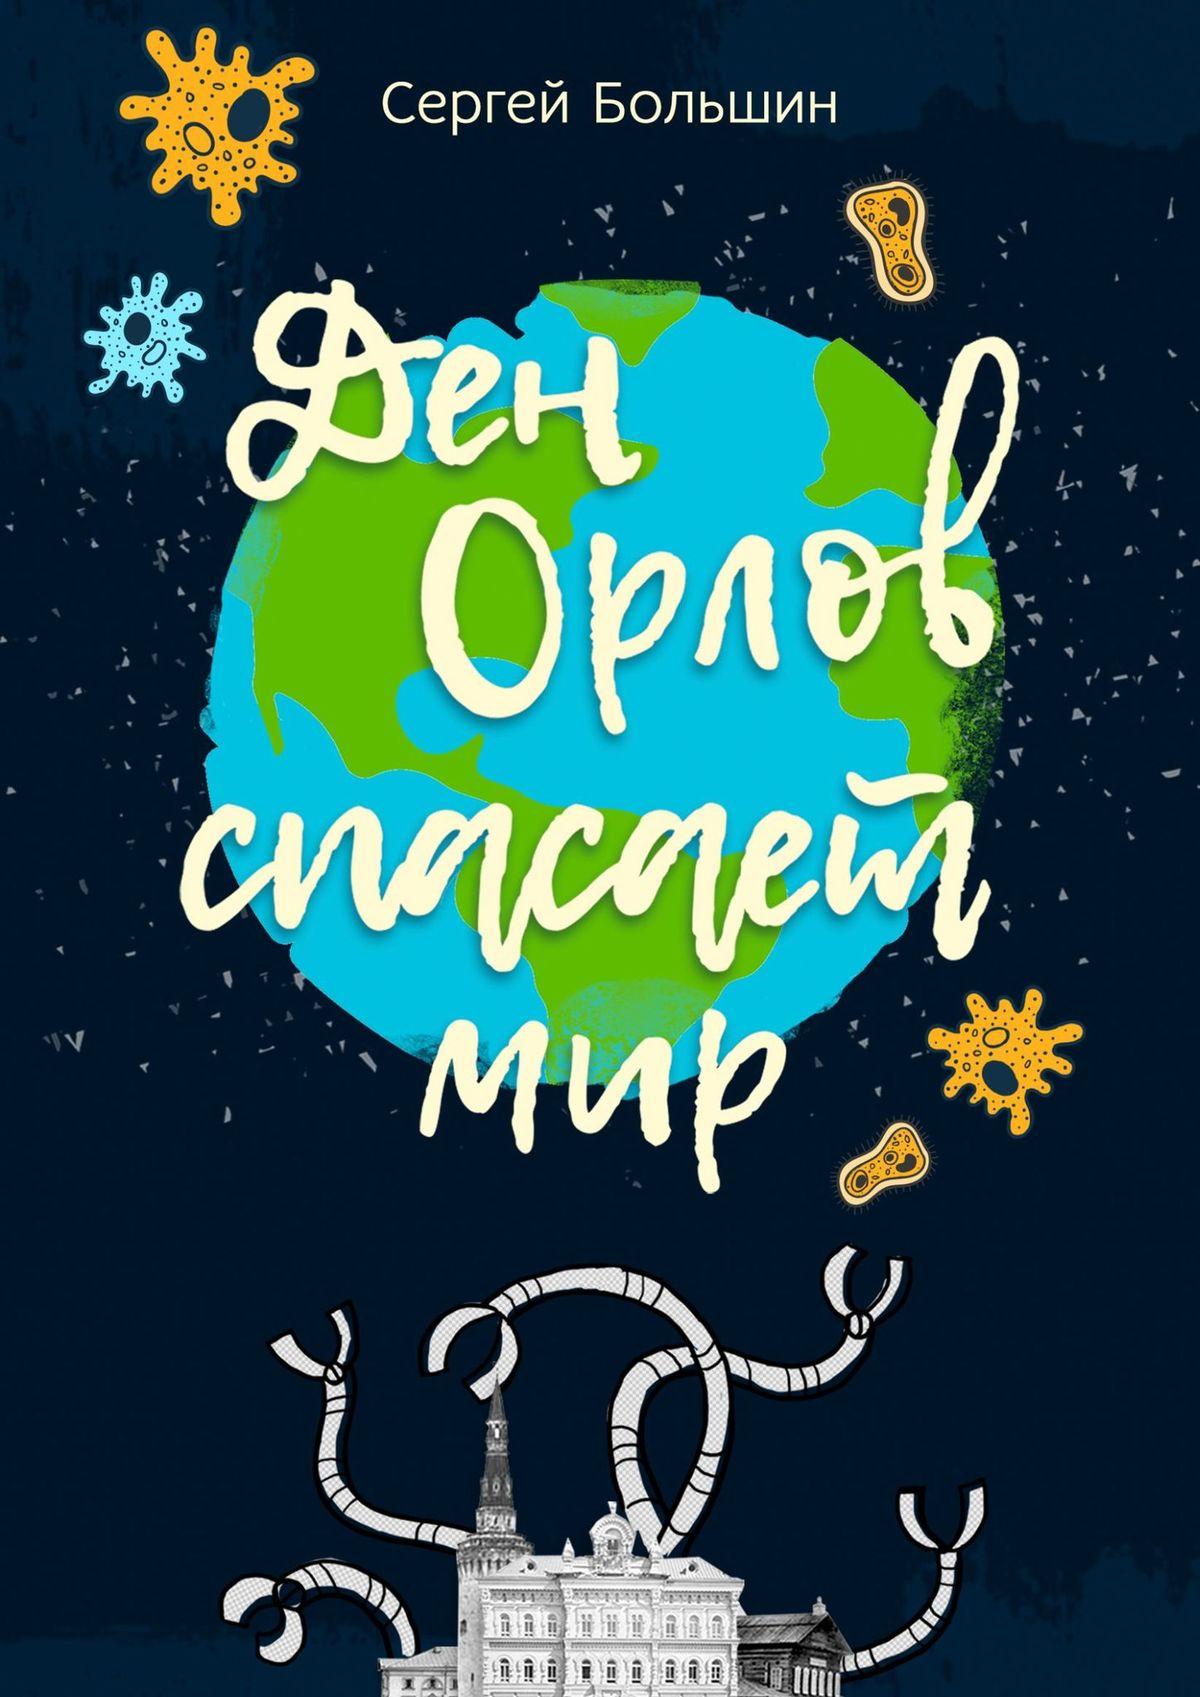 Сергей Большин Дэн Орлов спасает мир сергей орлов сергей орлов стихотворения